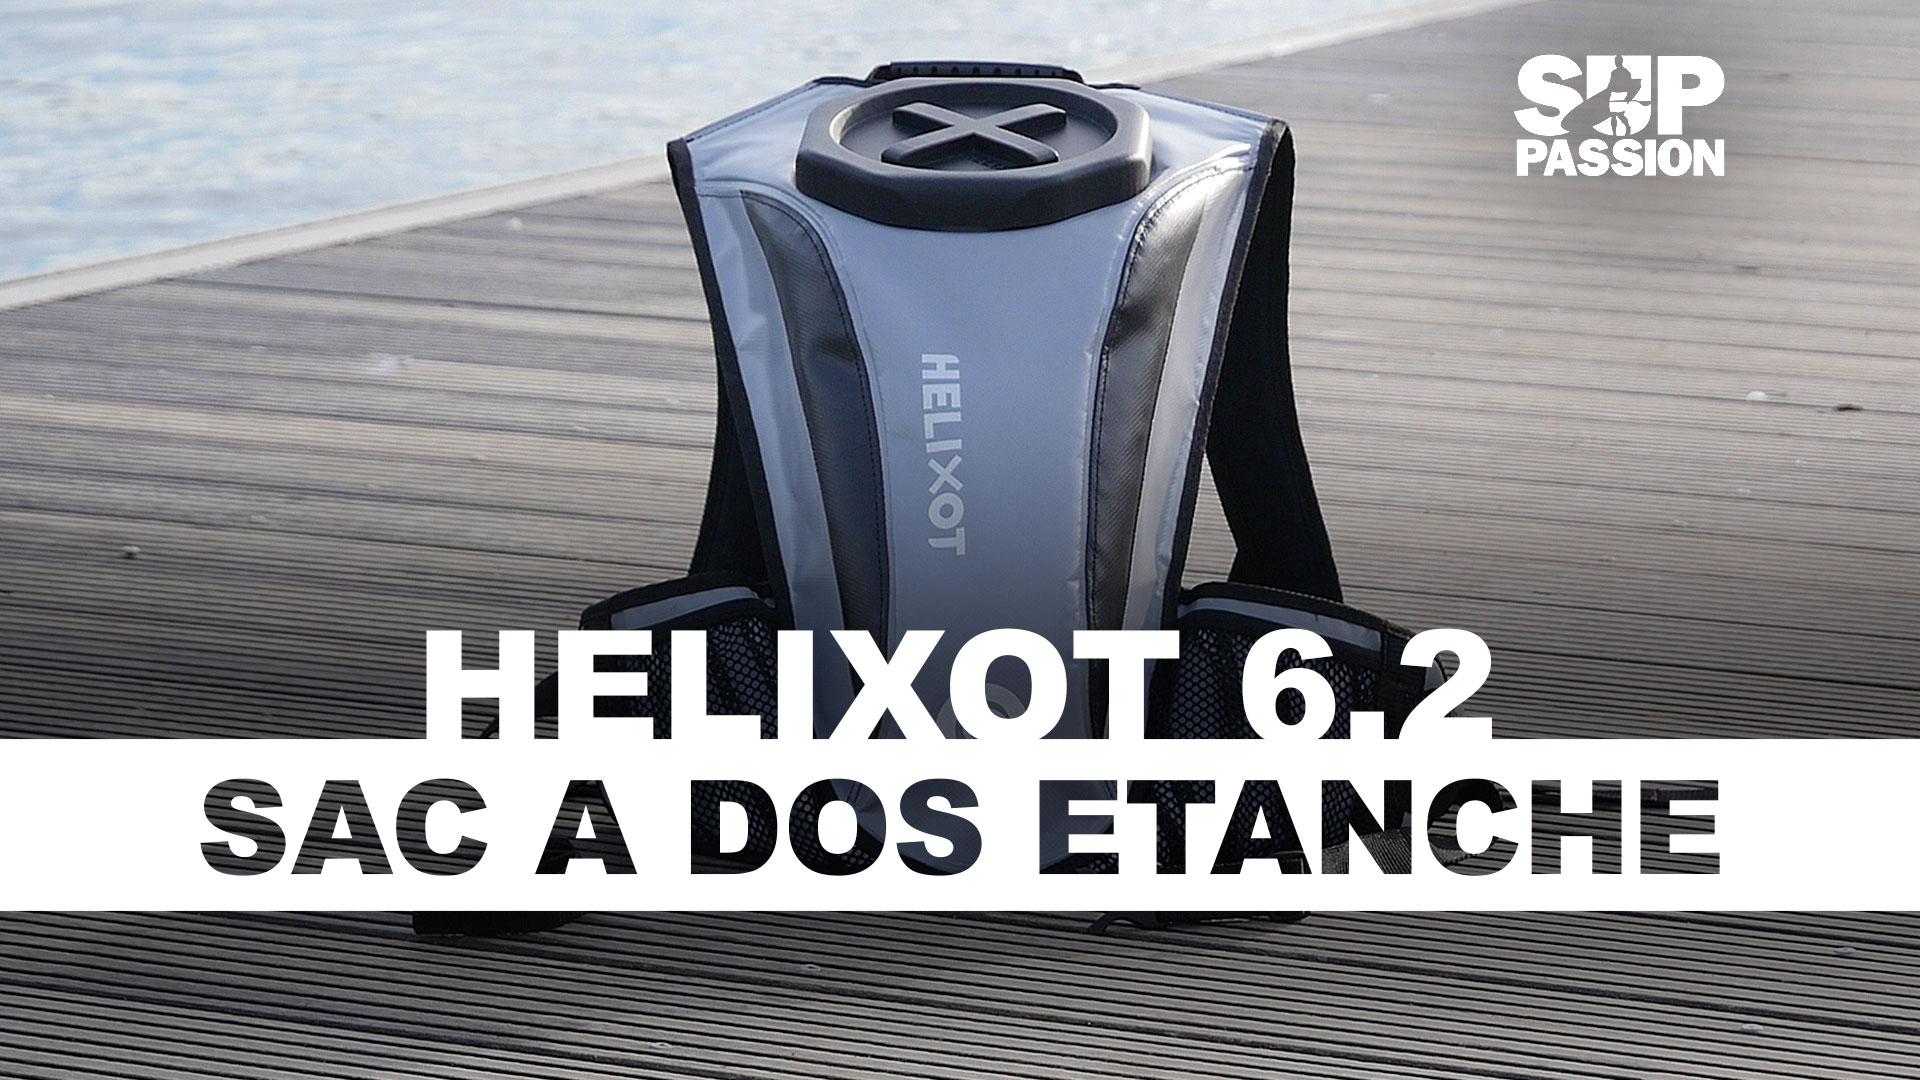 Helixot XO 6.2, un sac étanche et submersible pour la pratique du sup